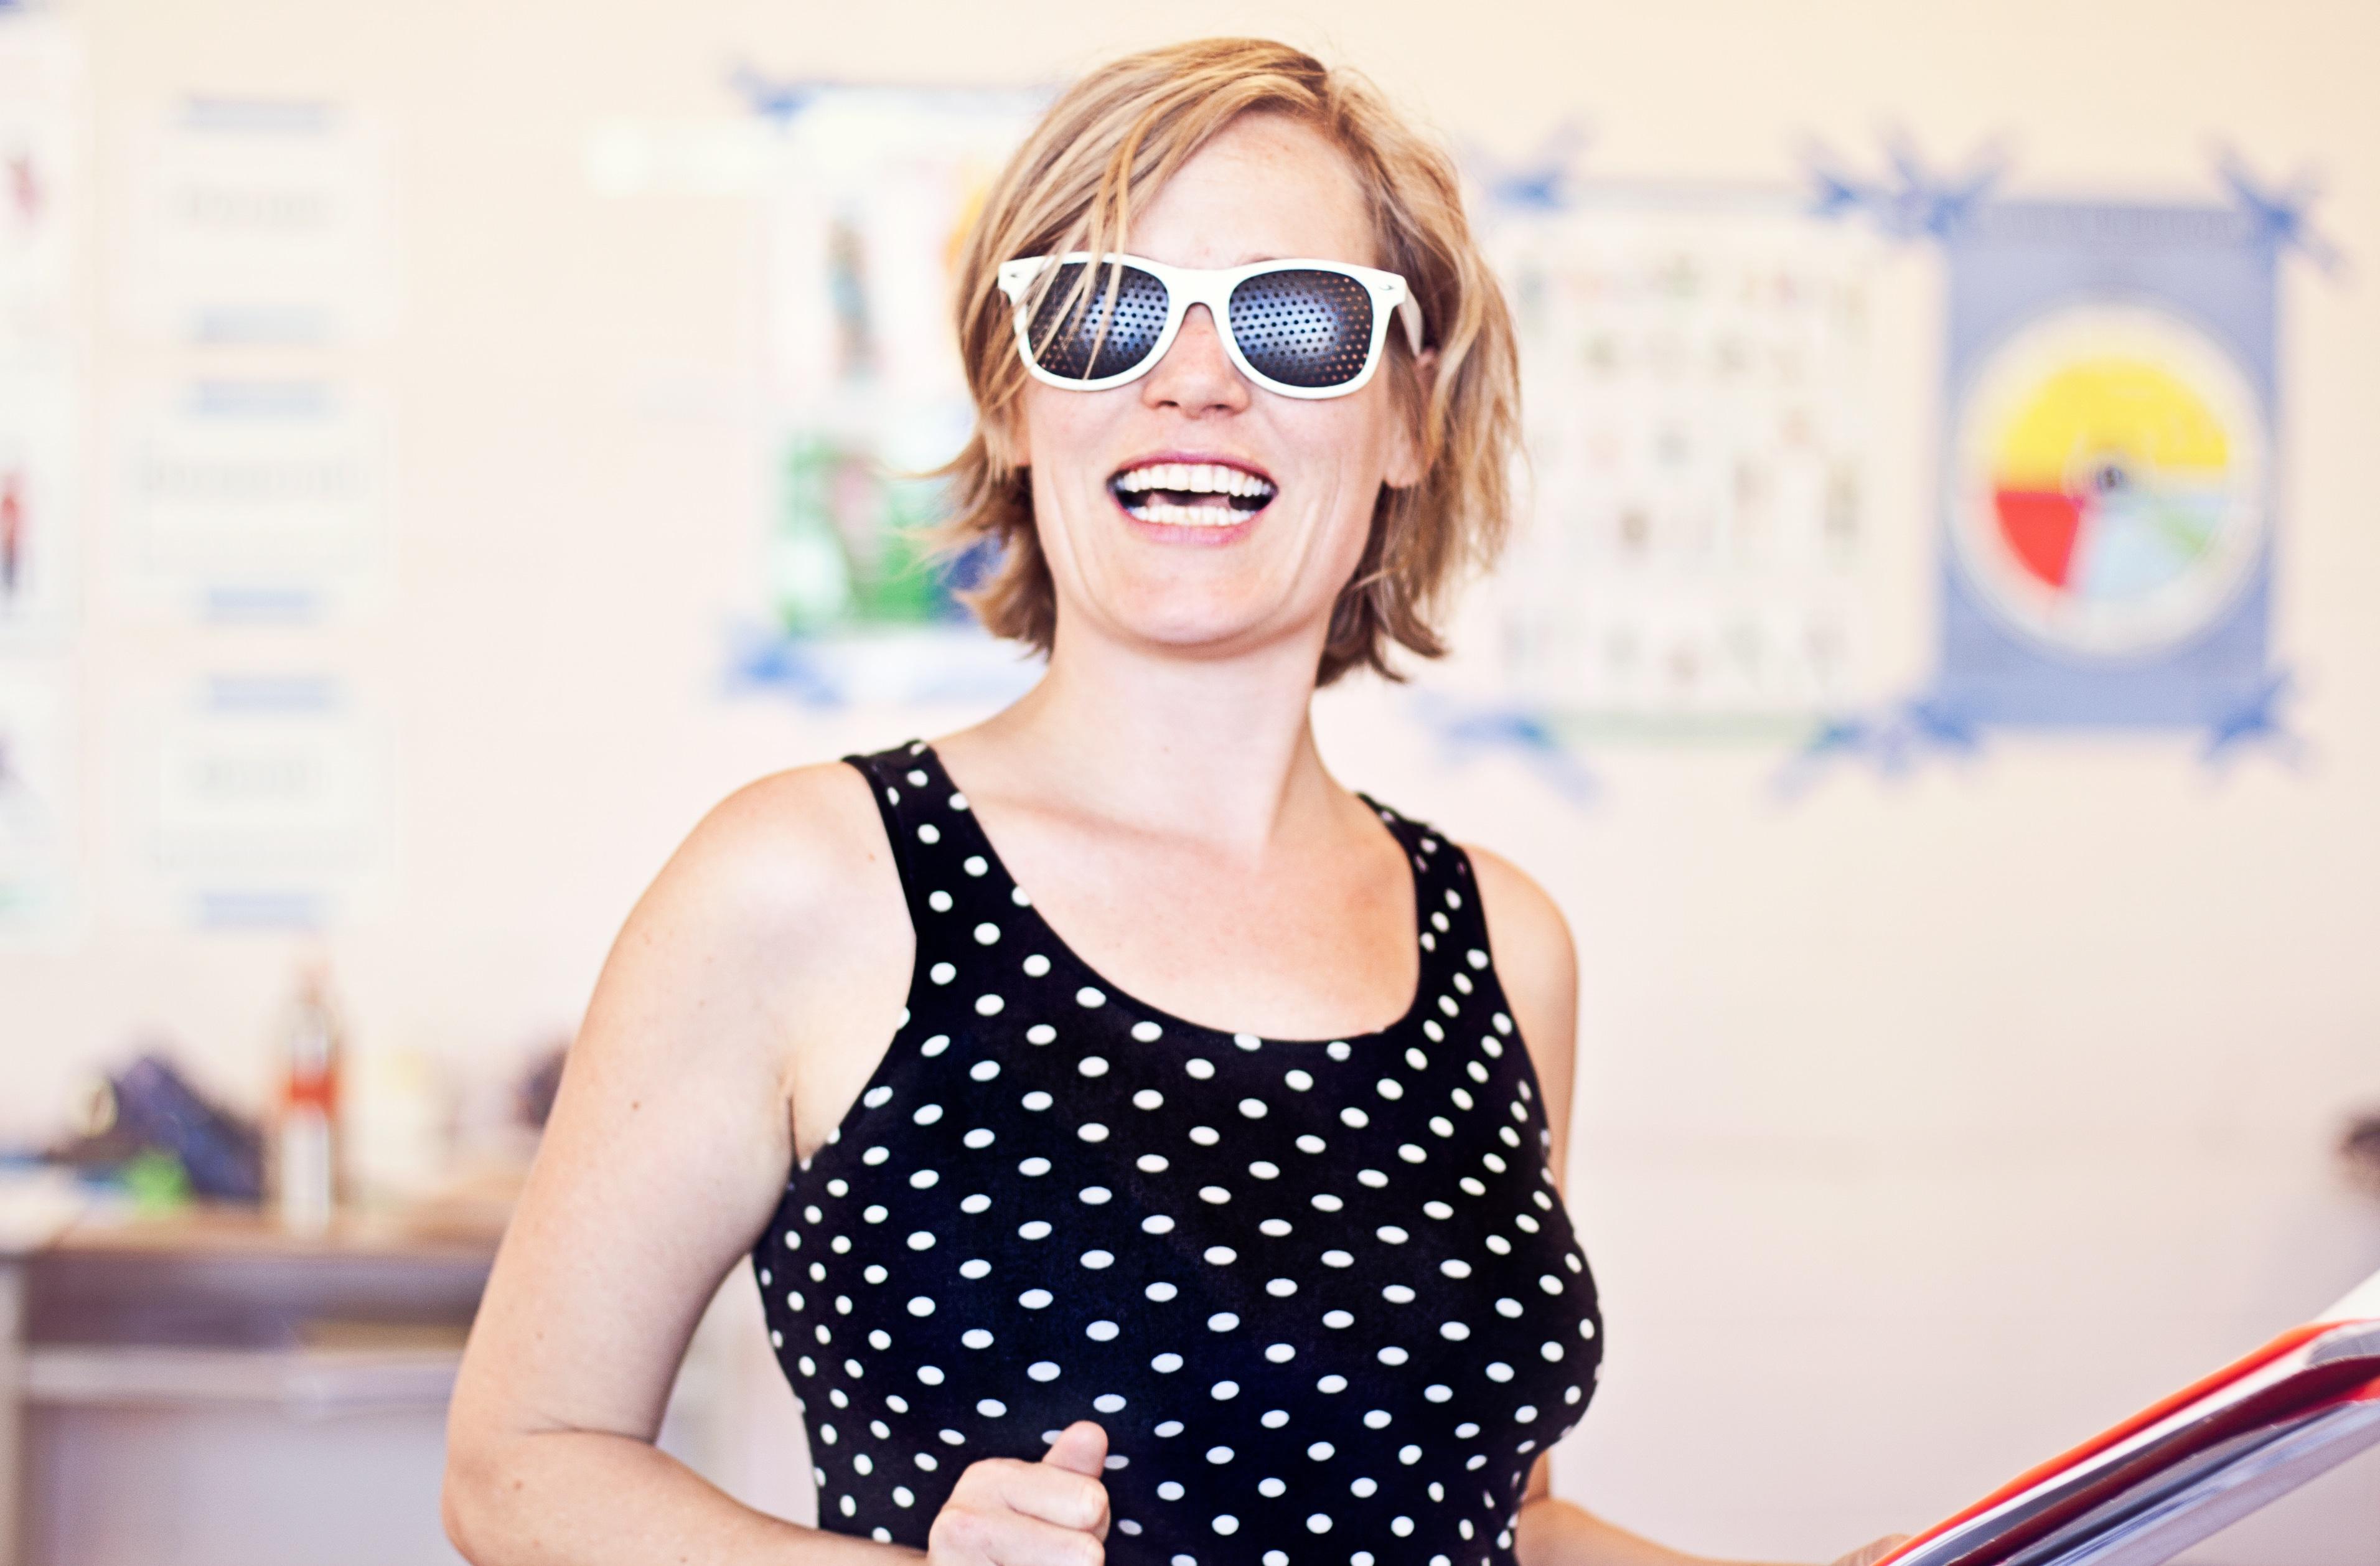 Cindy Boiteau